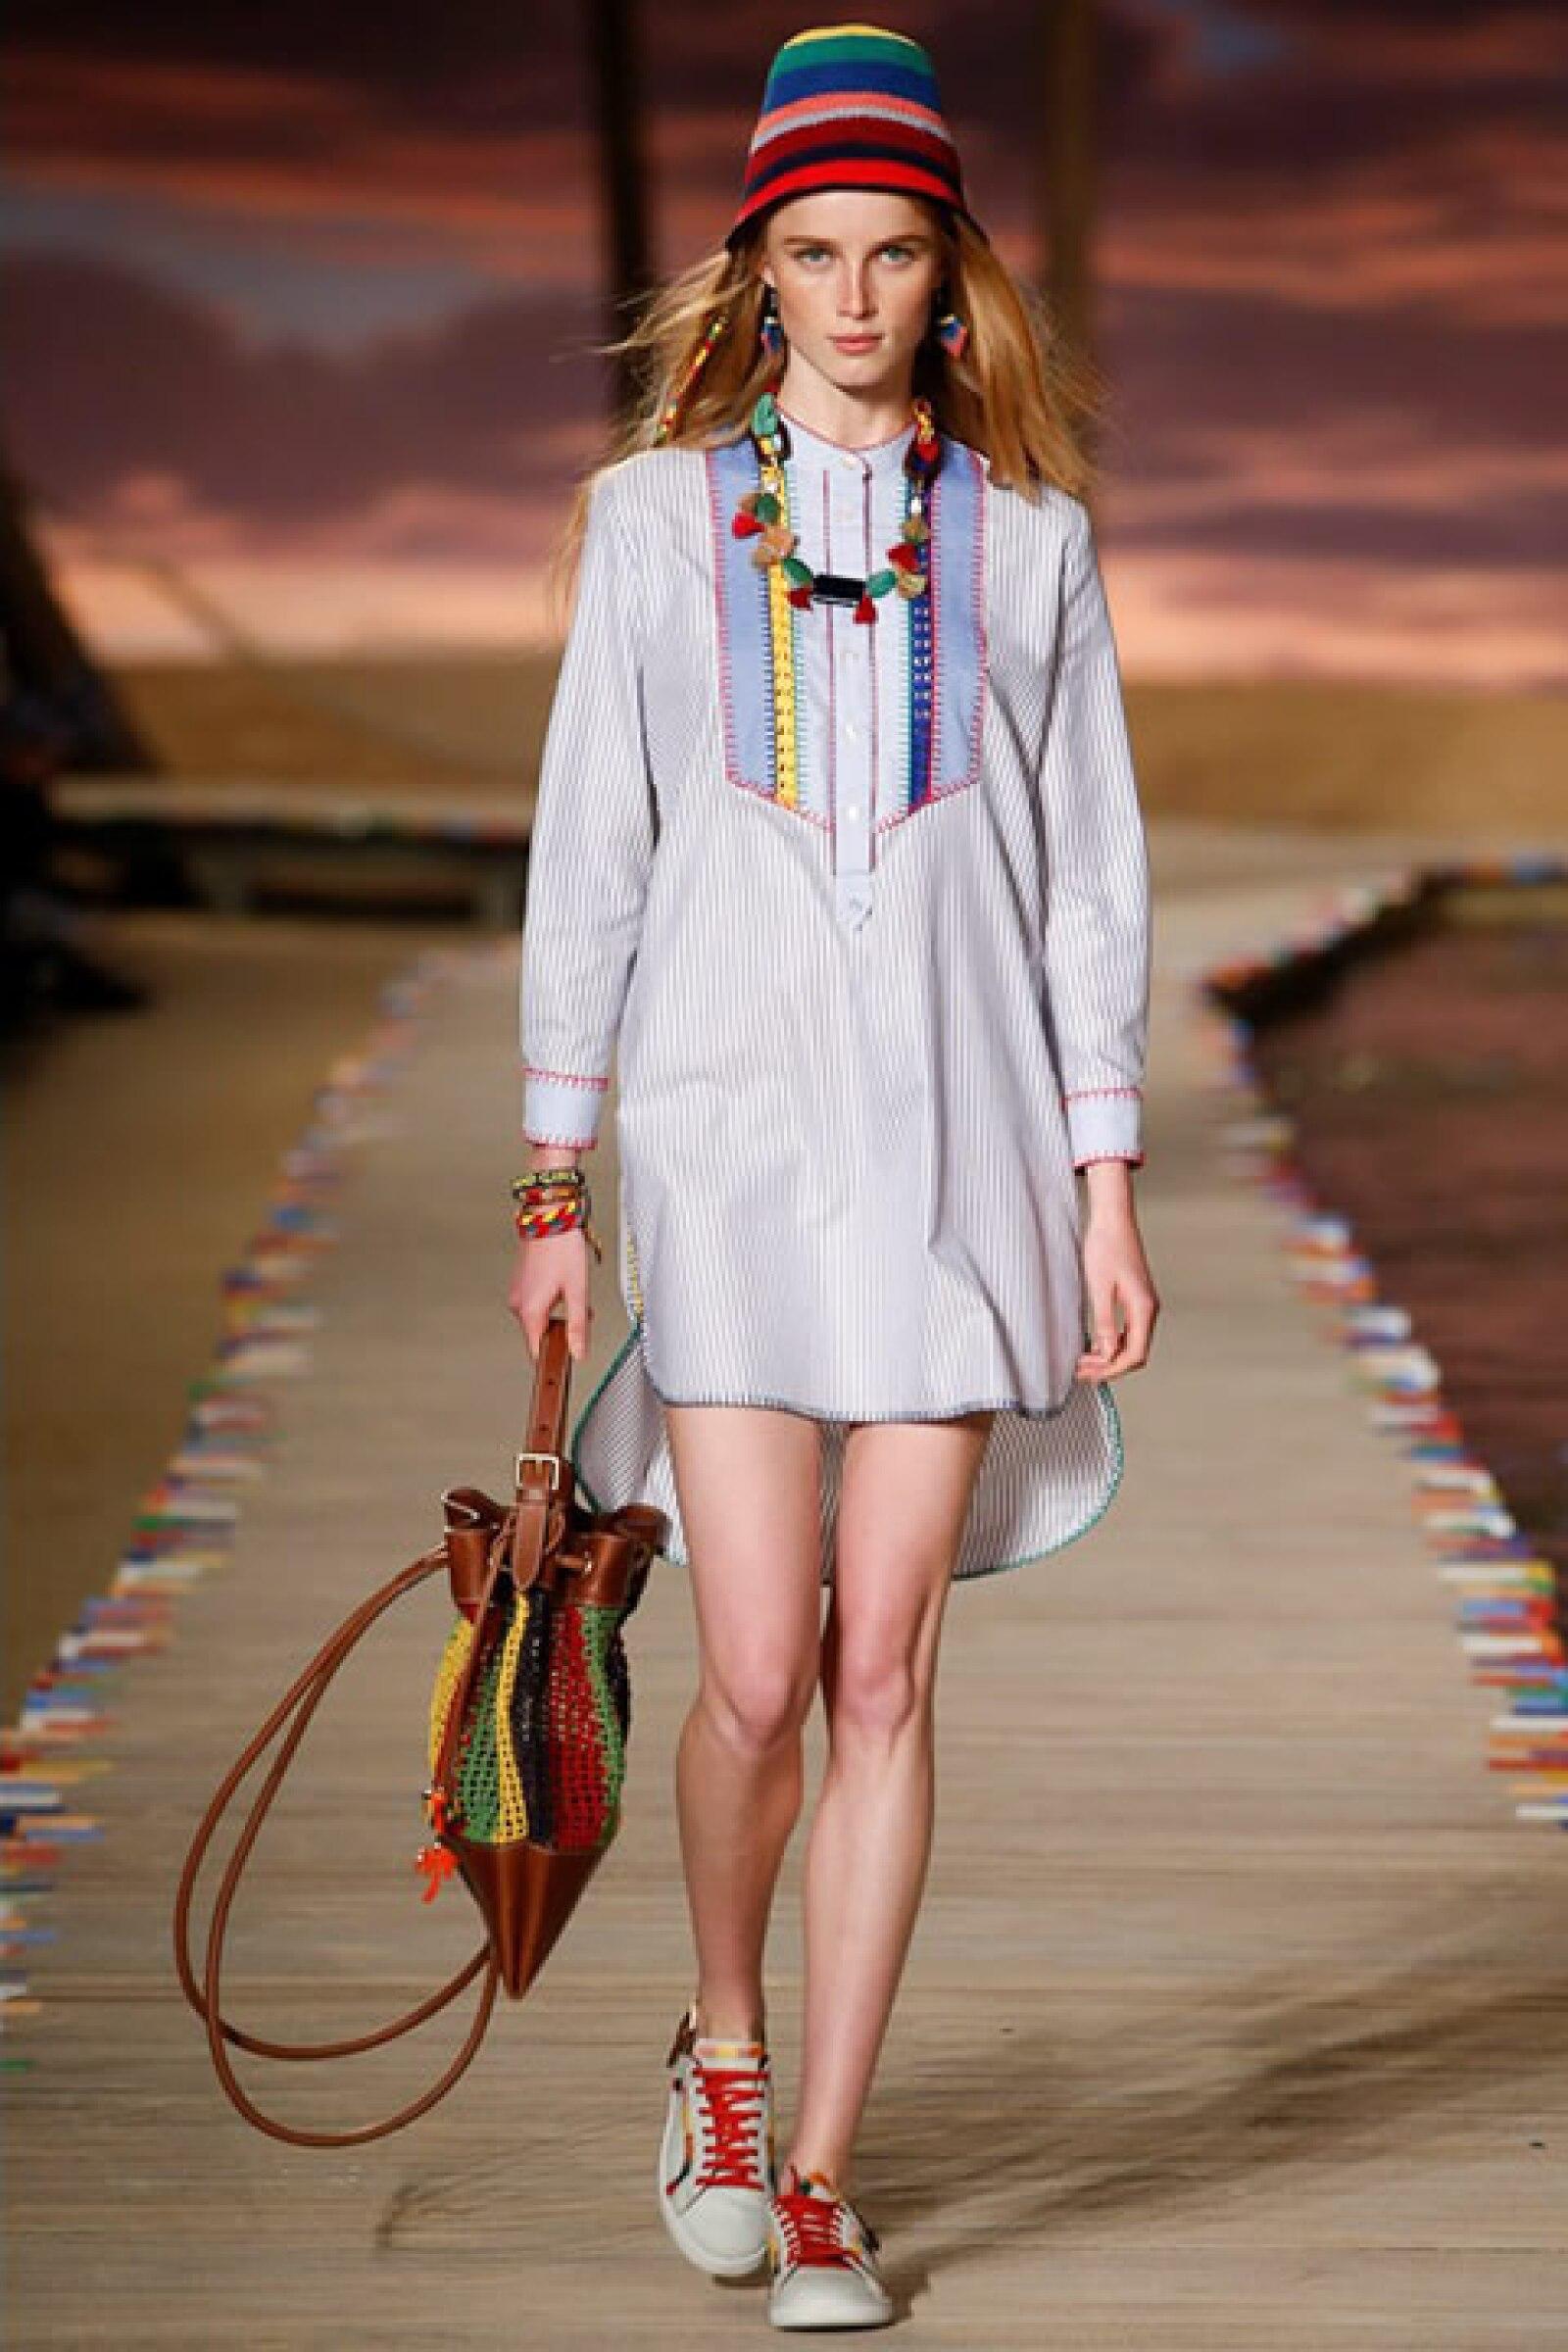 Camisa de vestido rayada con bolsa de crochet y sneakers deslavados.